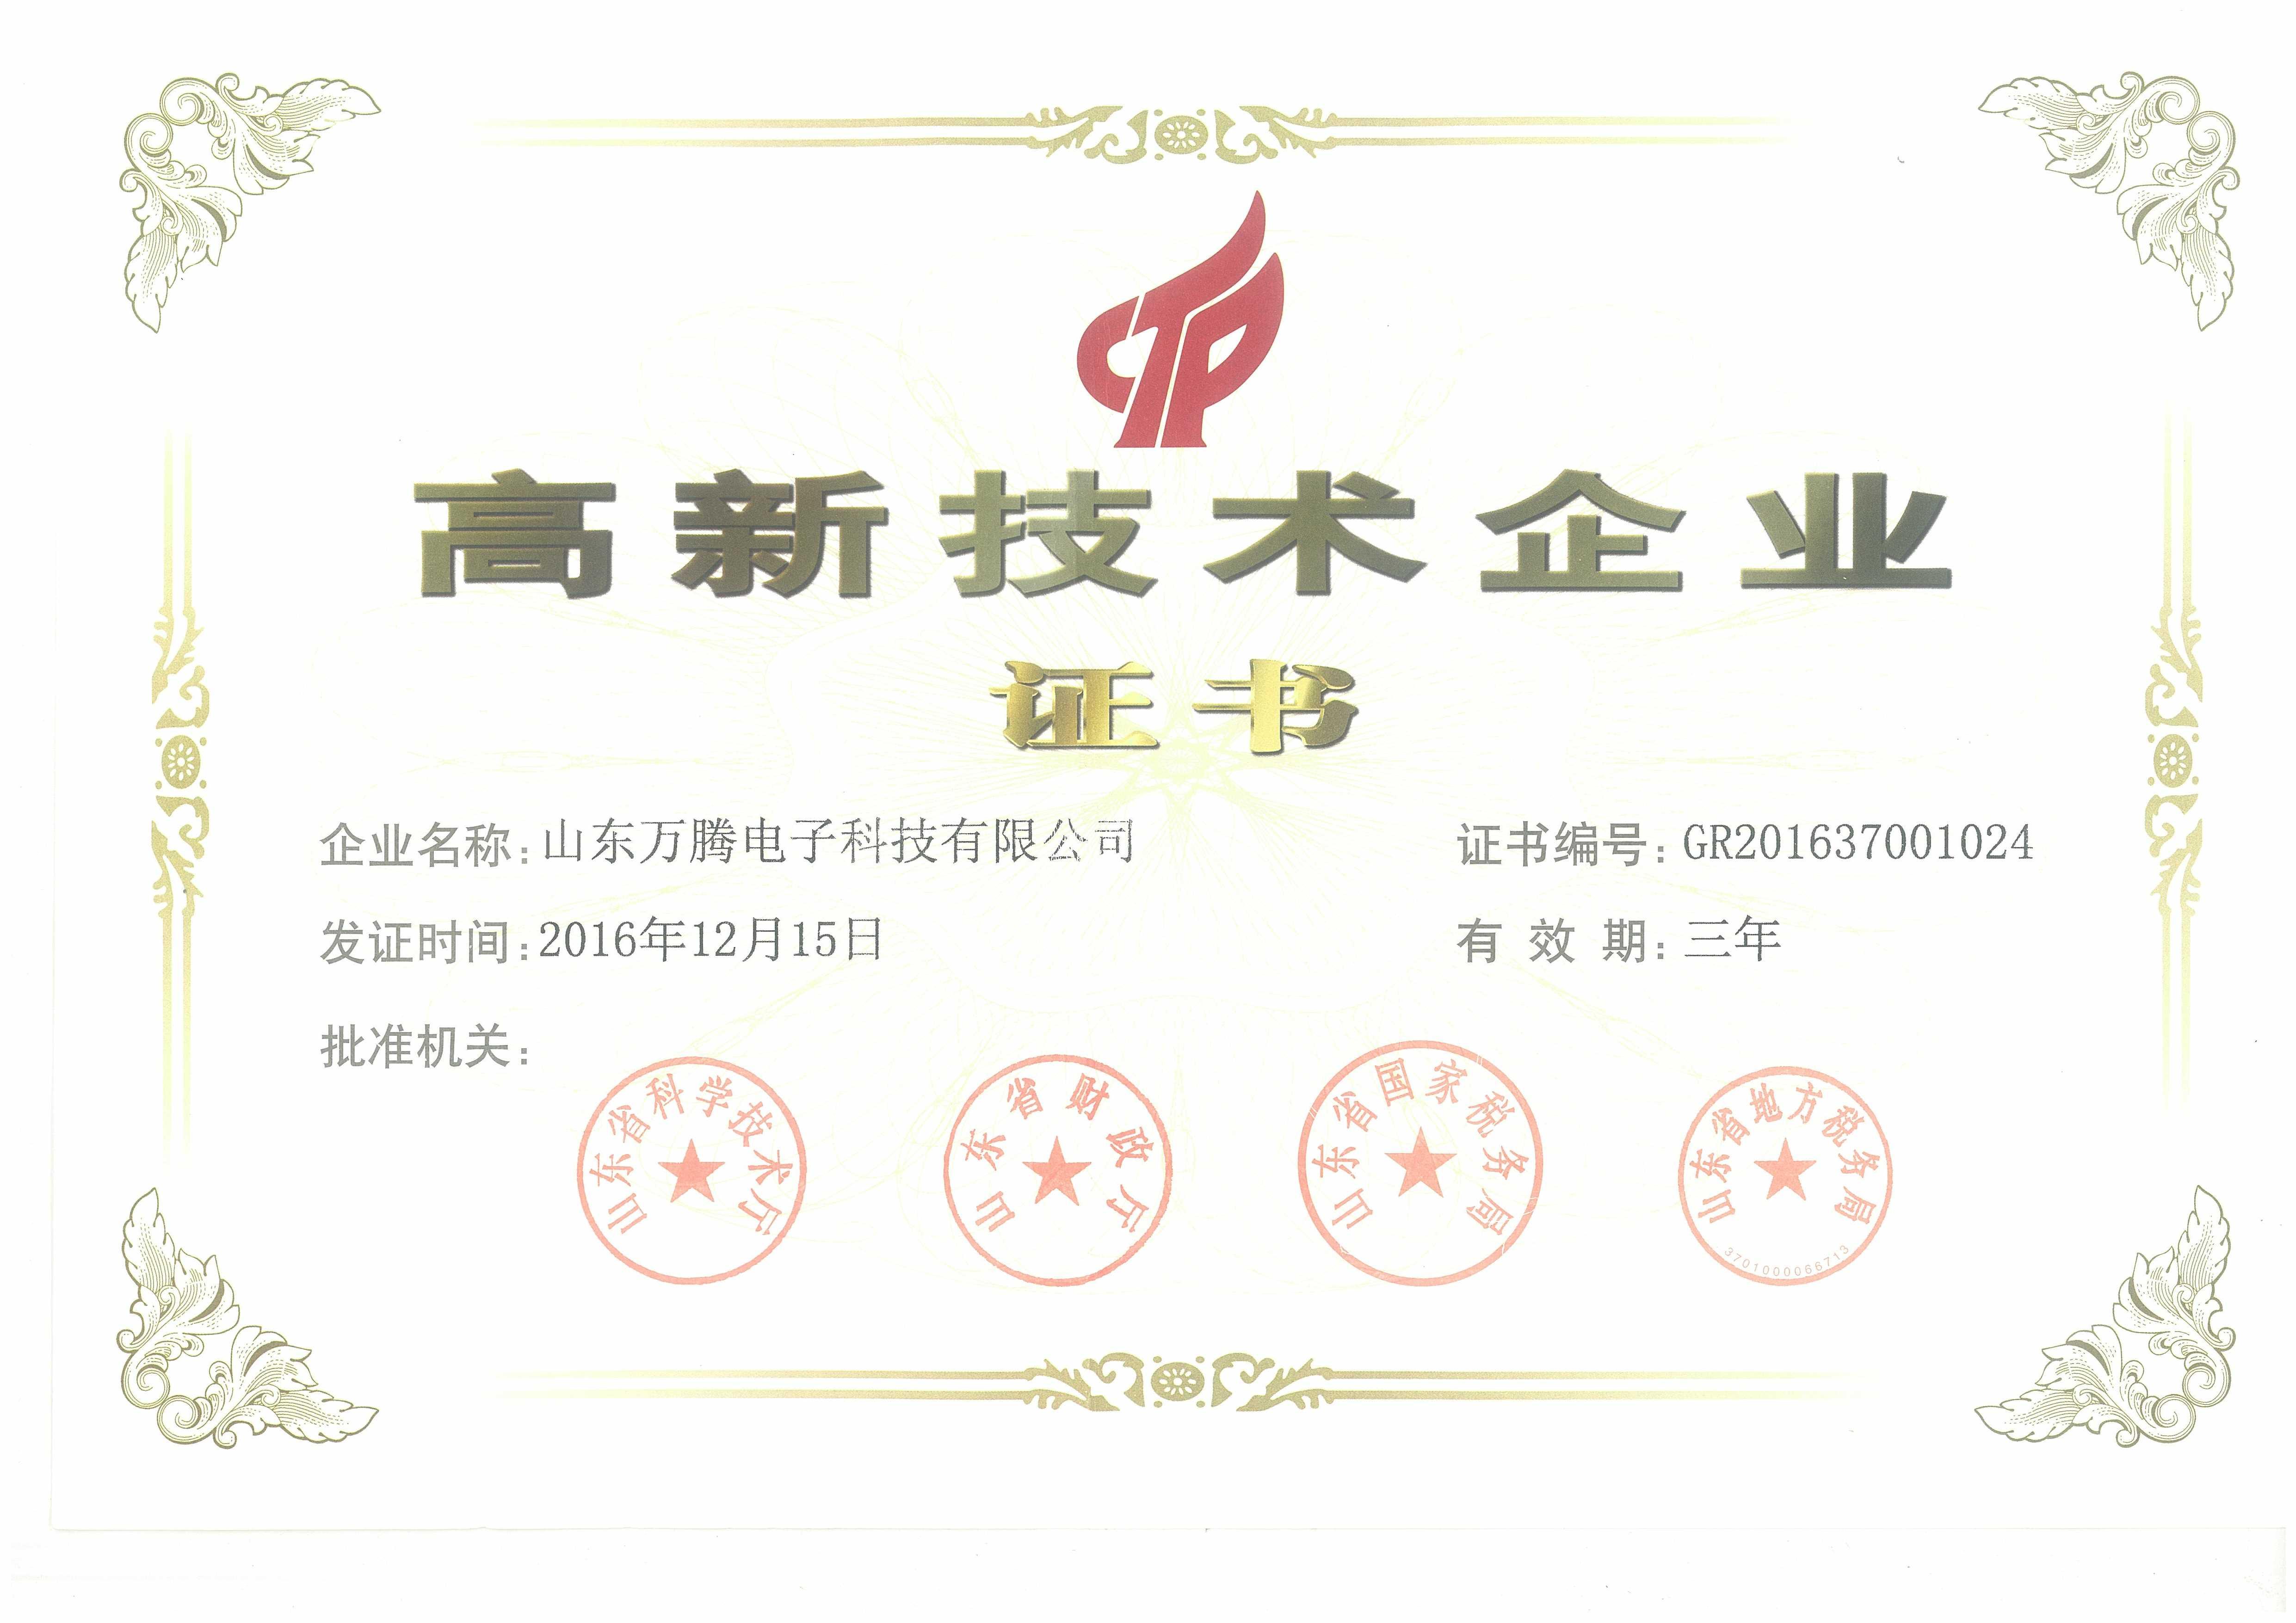 1、高新技术企业证书